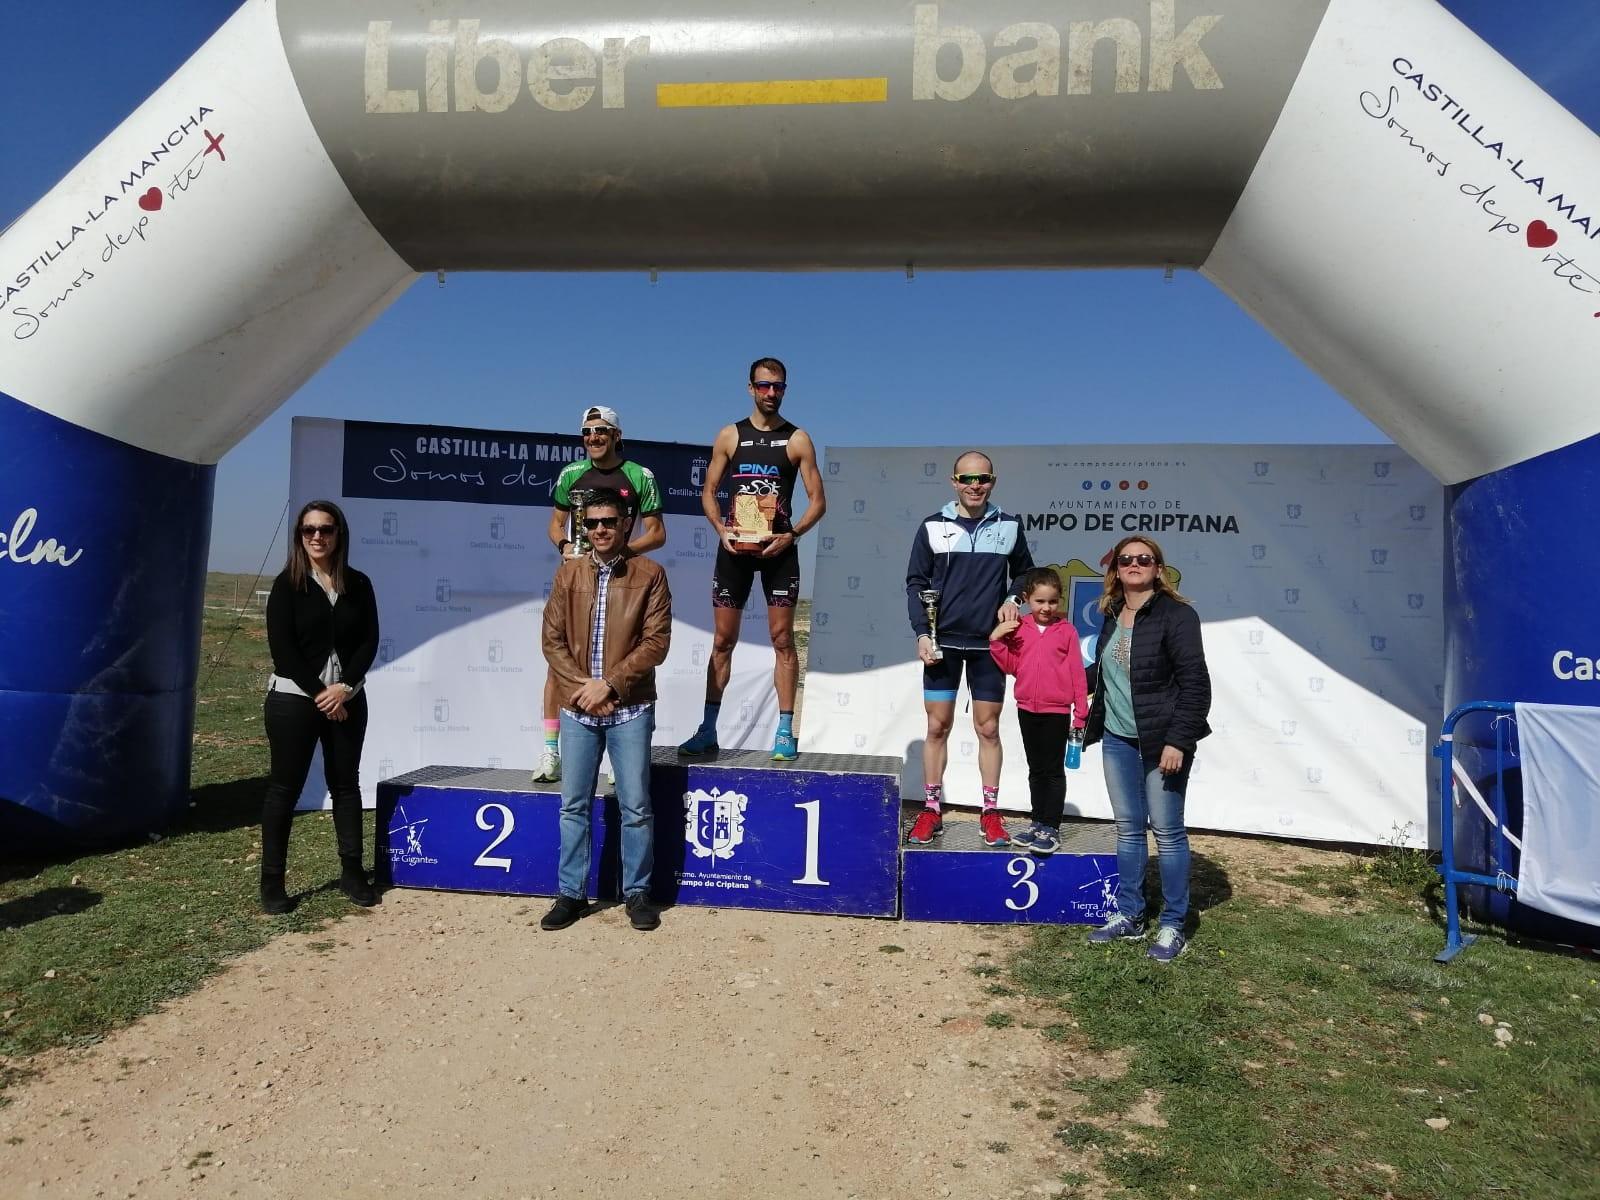 Resultados -Campeonato Regional de Duatlón Cross 20 -Información